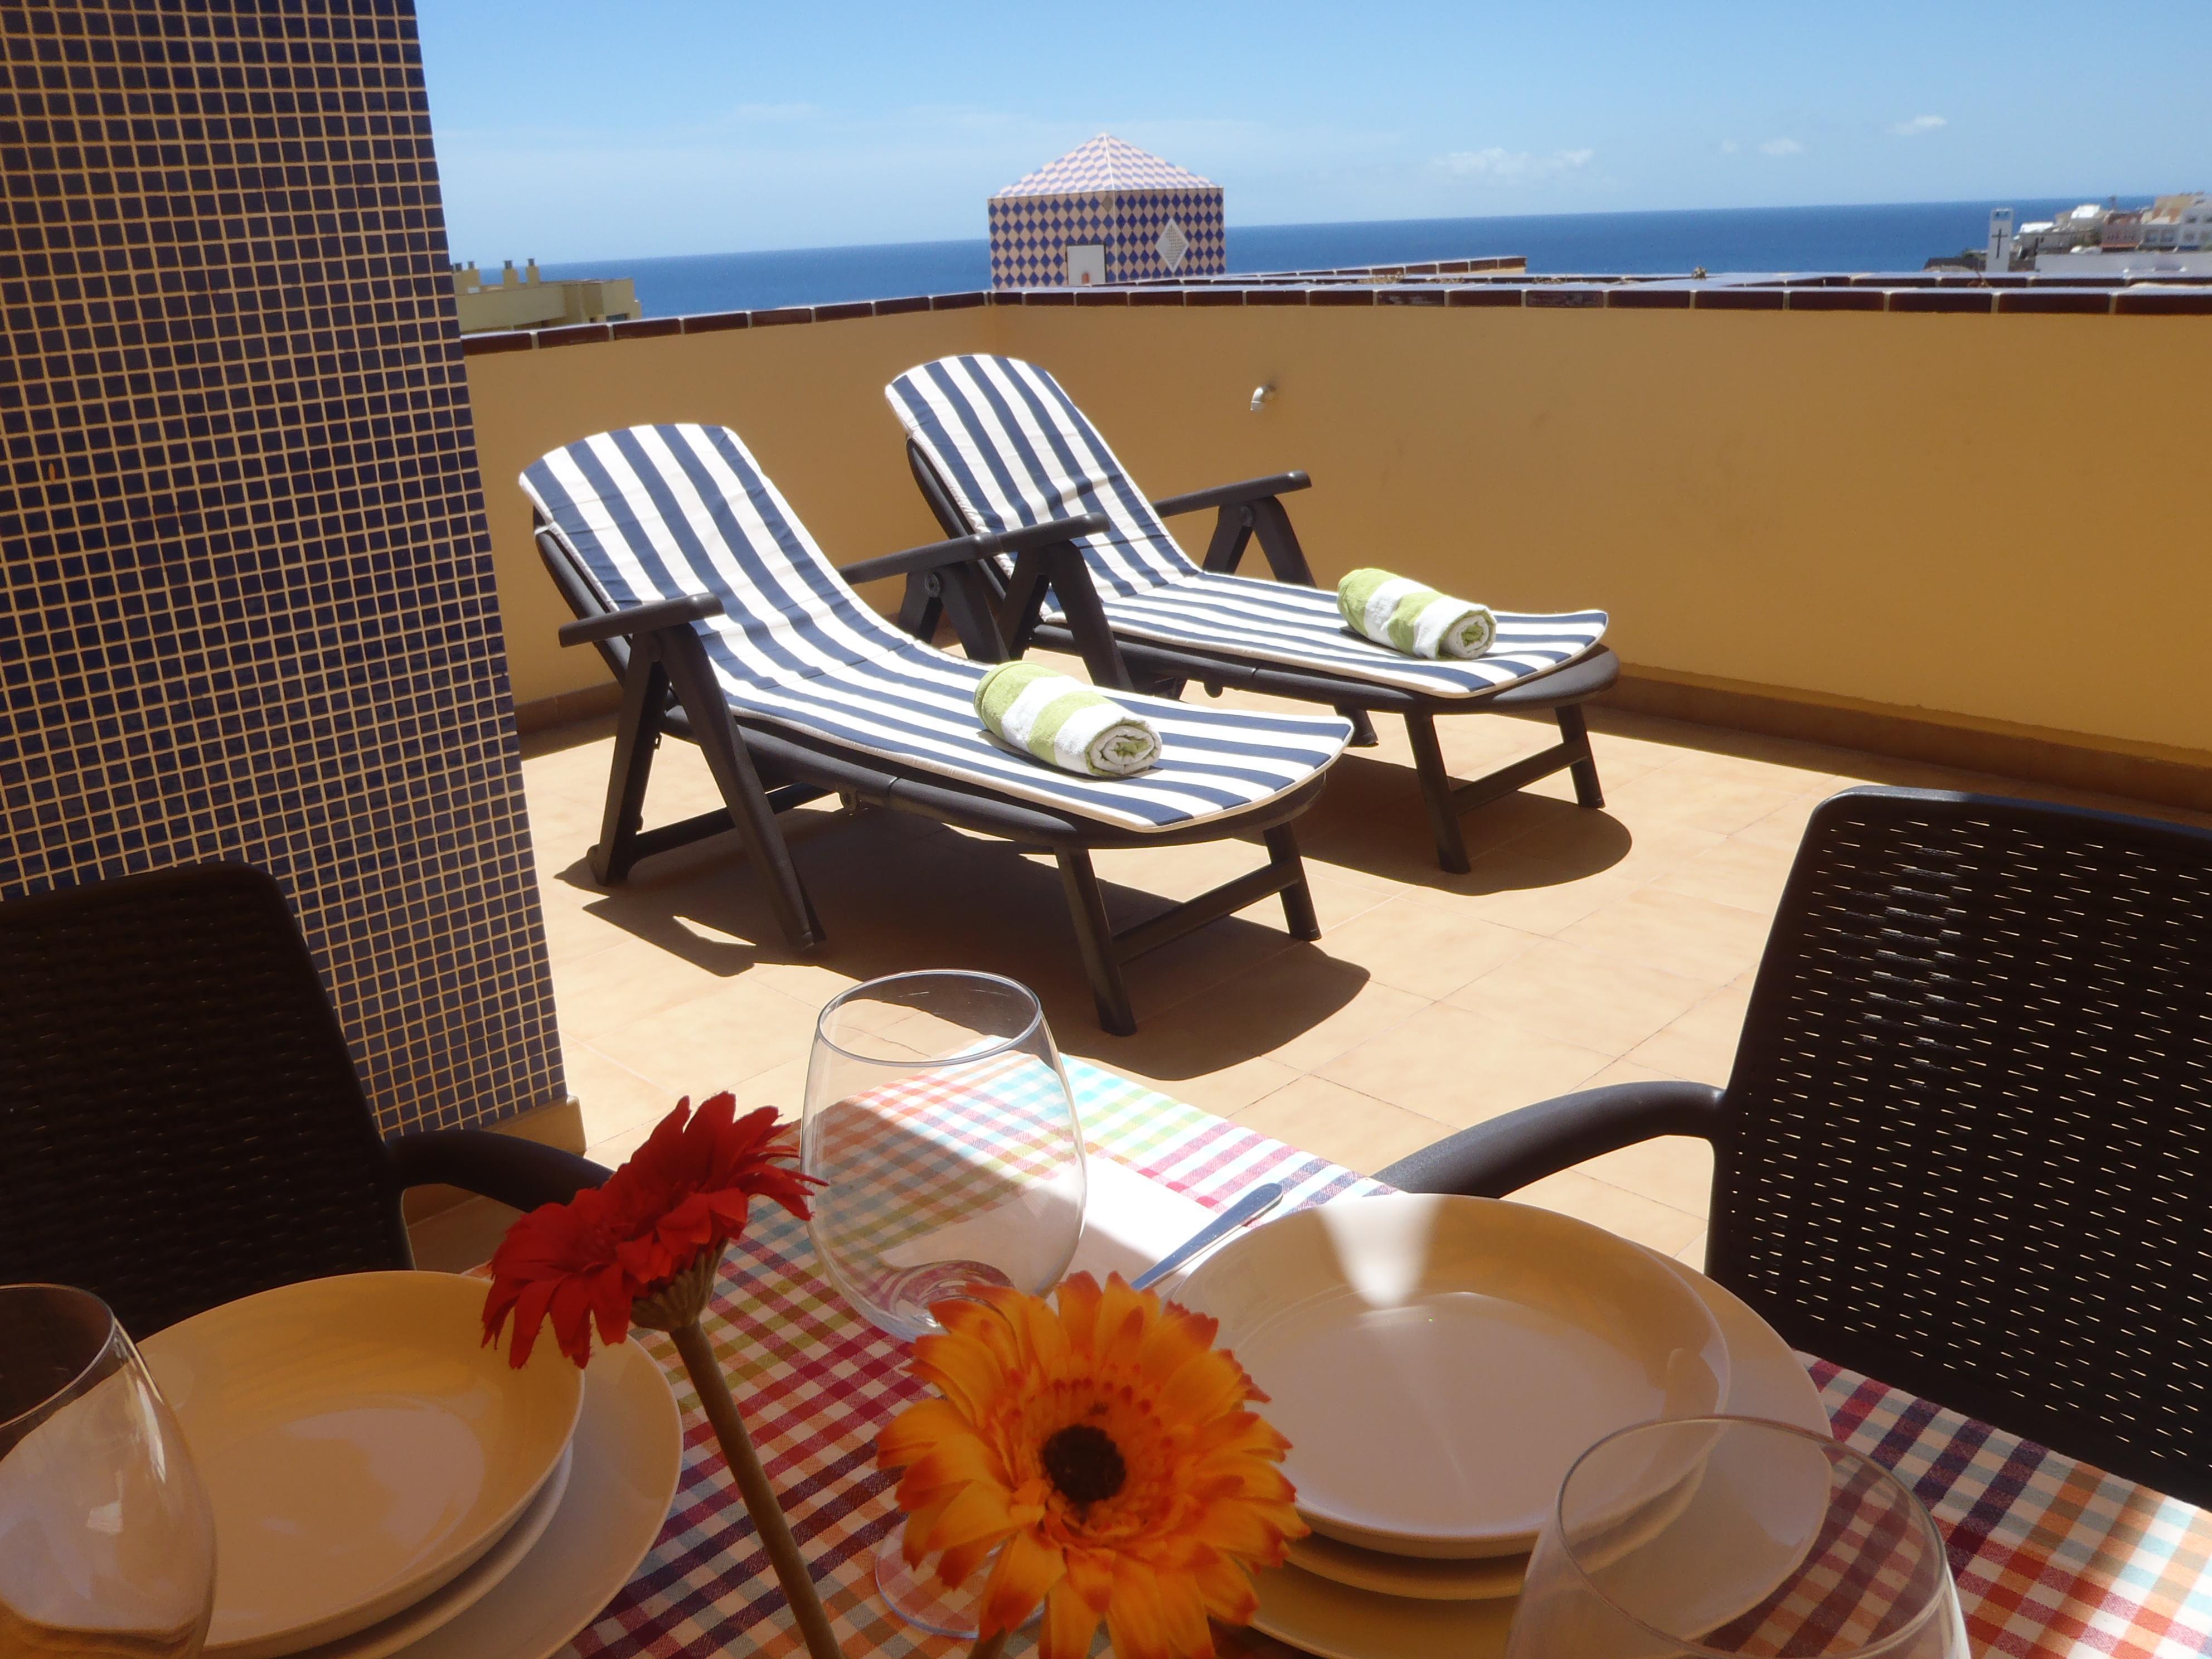 Ferienwohnung Sonnenterrassen Morro Jable (1685410), Morro Jable, Fuerteventura, Kanarische Inseln, Spanien, Bild 3